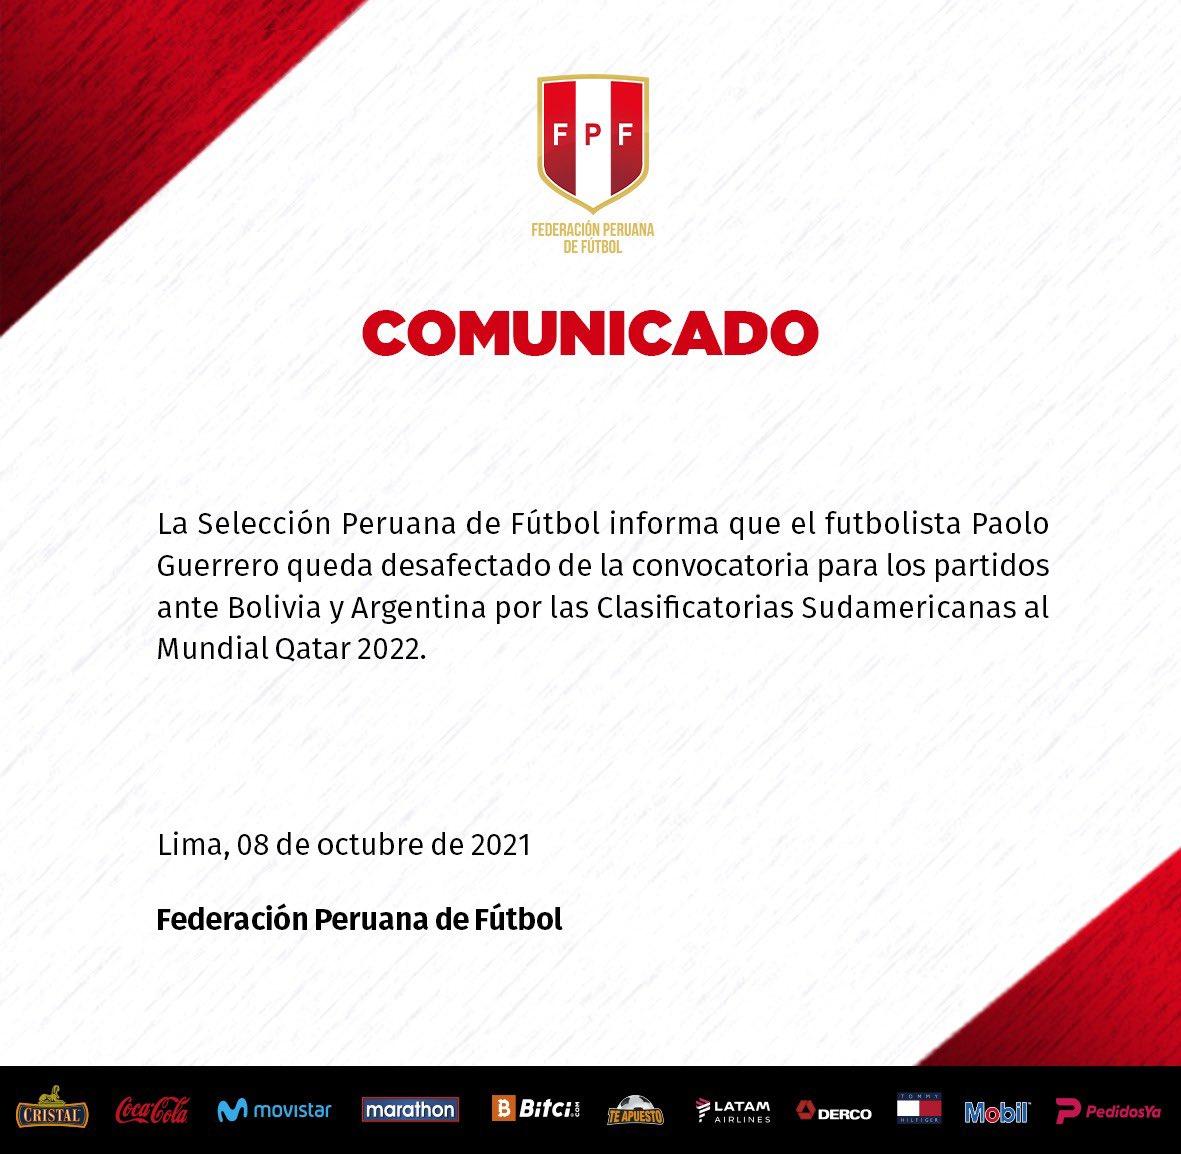 Paolo Guerrero retirado